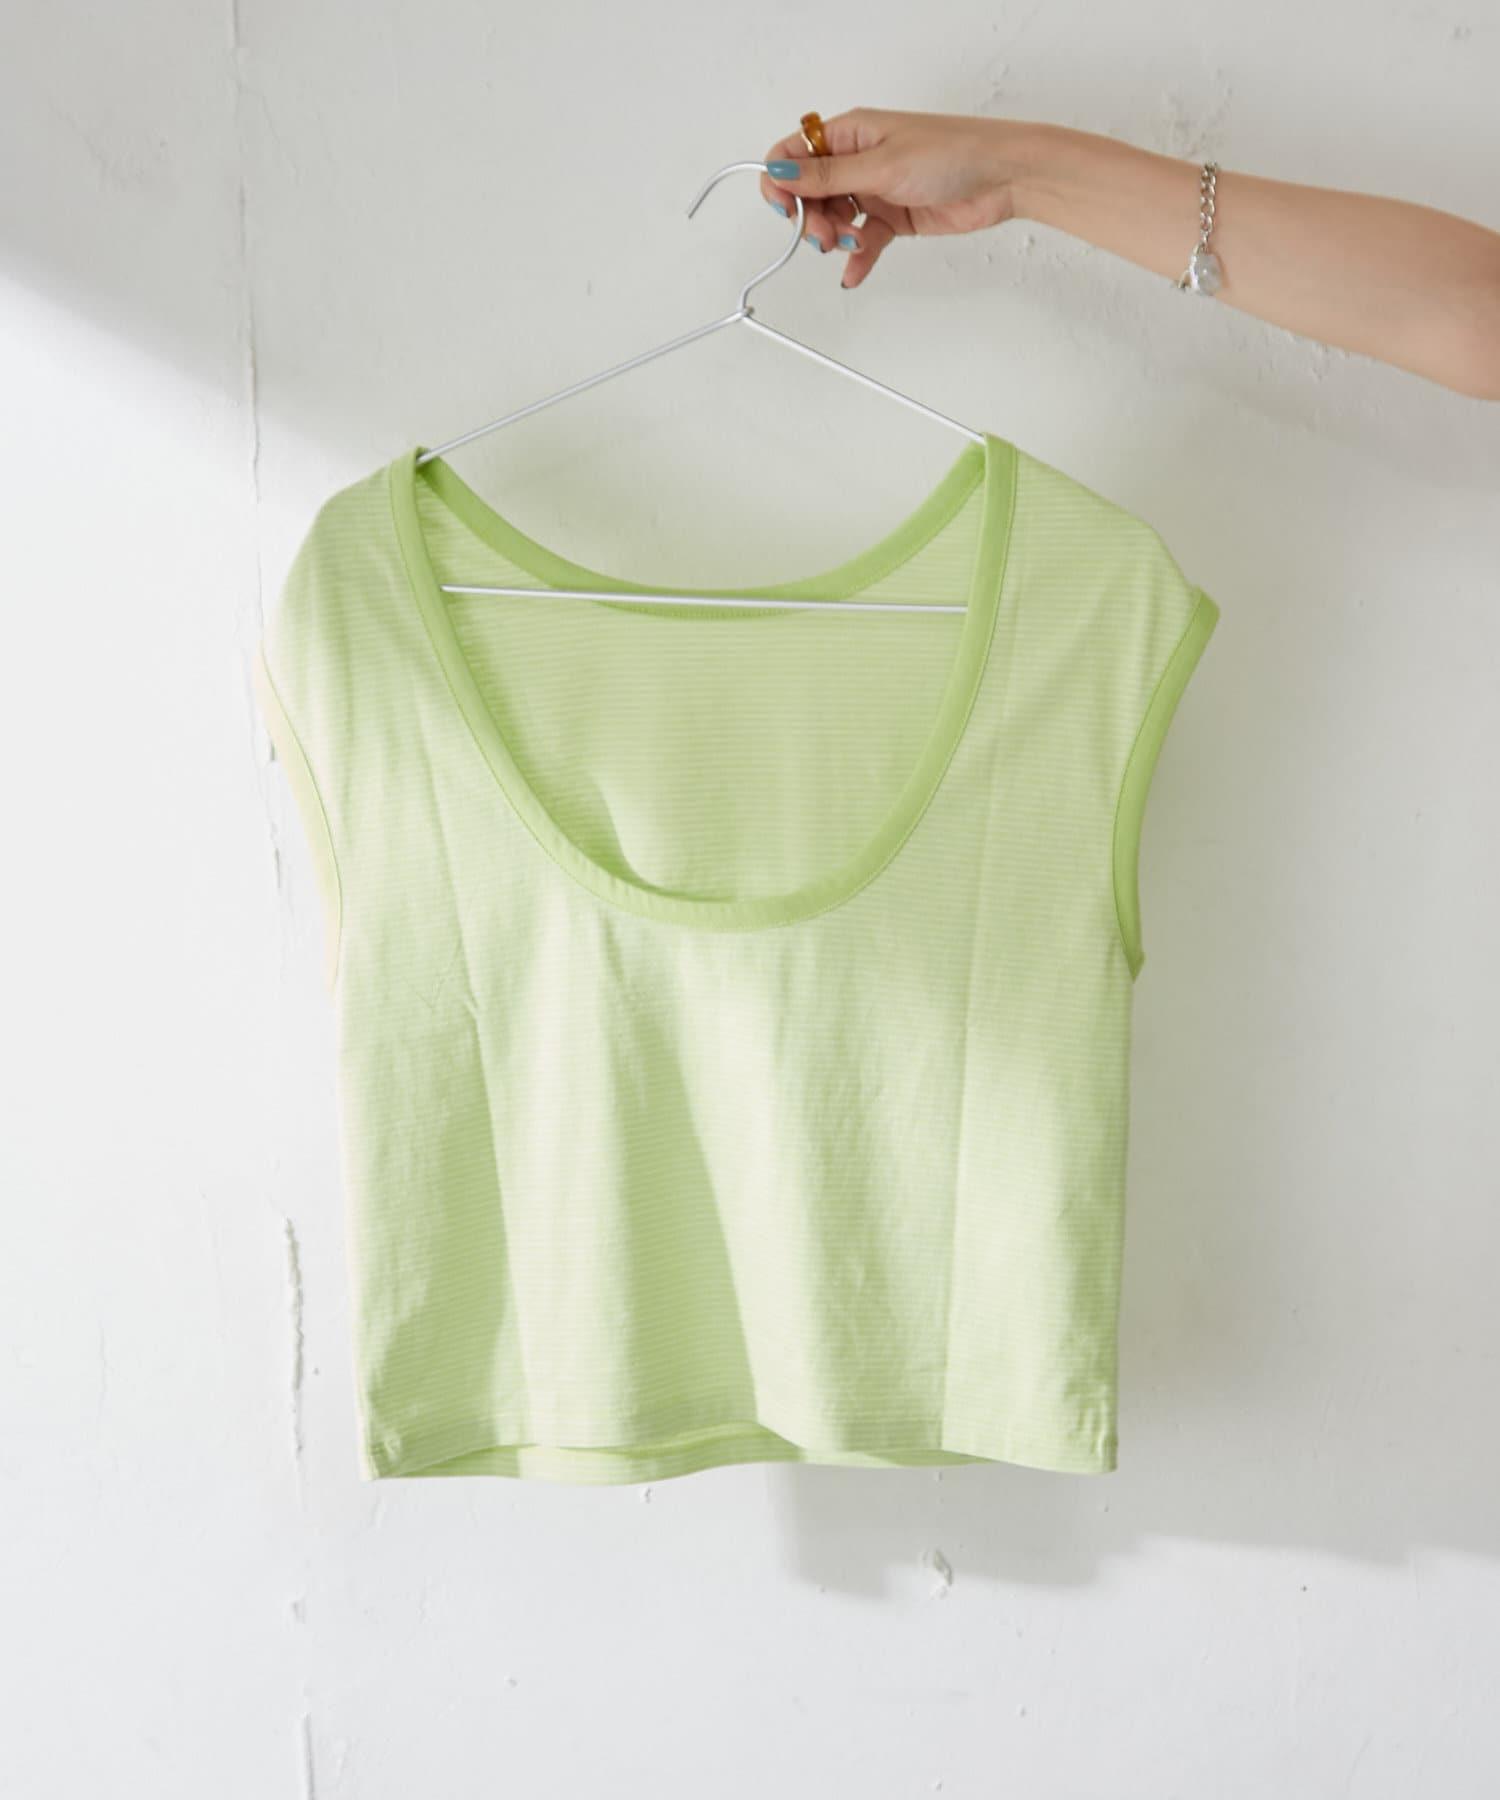 Discoat(ディスコート) バックオープンリンガーボーダーTシャツ